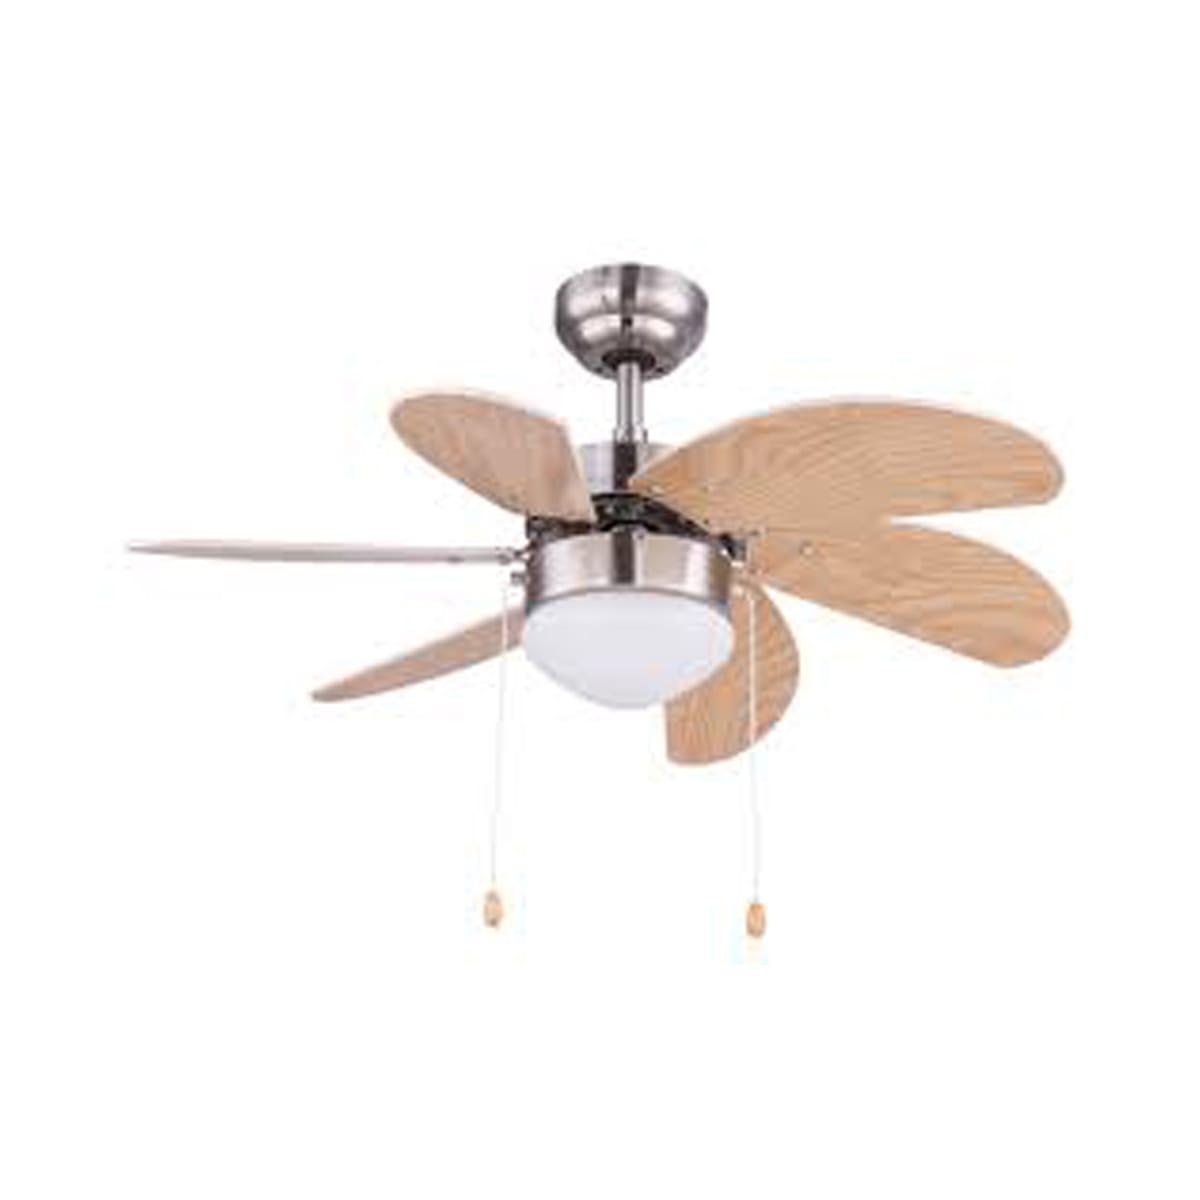 Leroy Merlin Lampadari Con Ventilatore.Ventilatore Da Soffitto Ventilatore Rivaldo Ciliegio Faggio D 78 Cm Prezzo Online Leroy Merlin